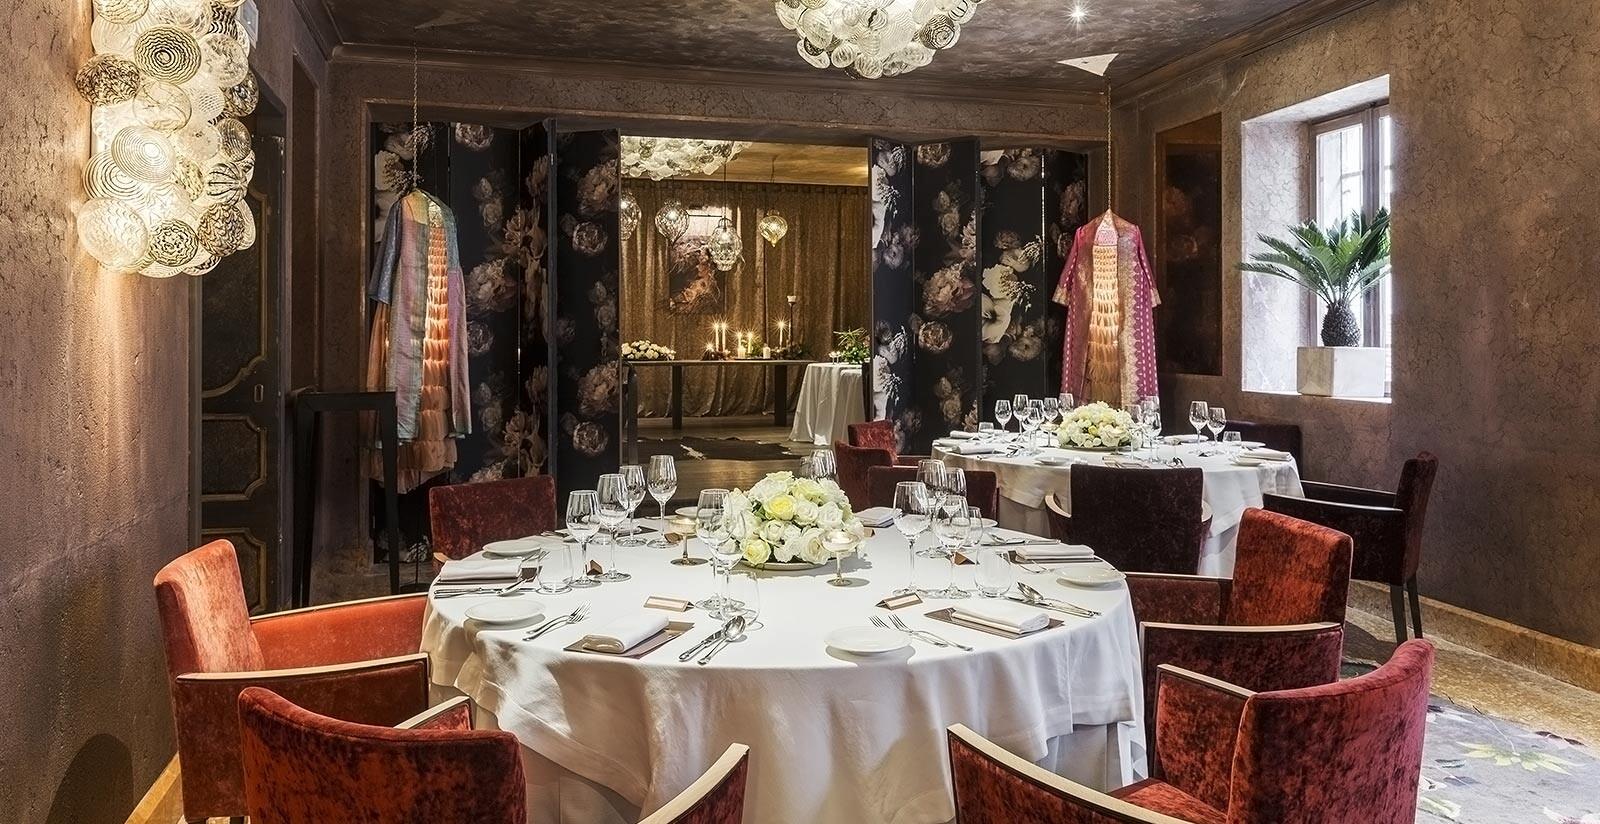 La location per matrimoni a Venezia dell'Hotel Metropole.